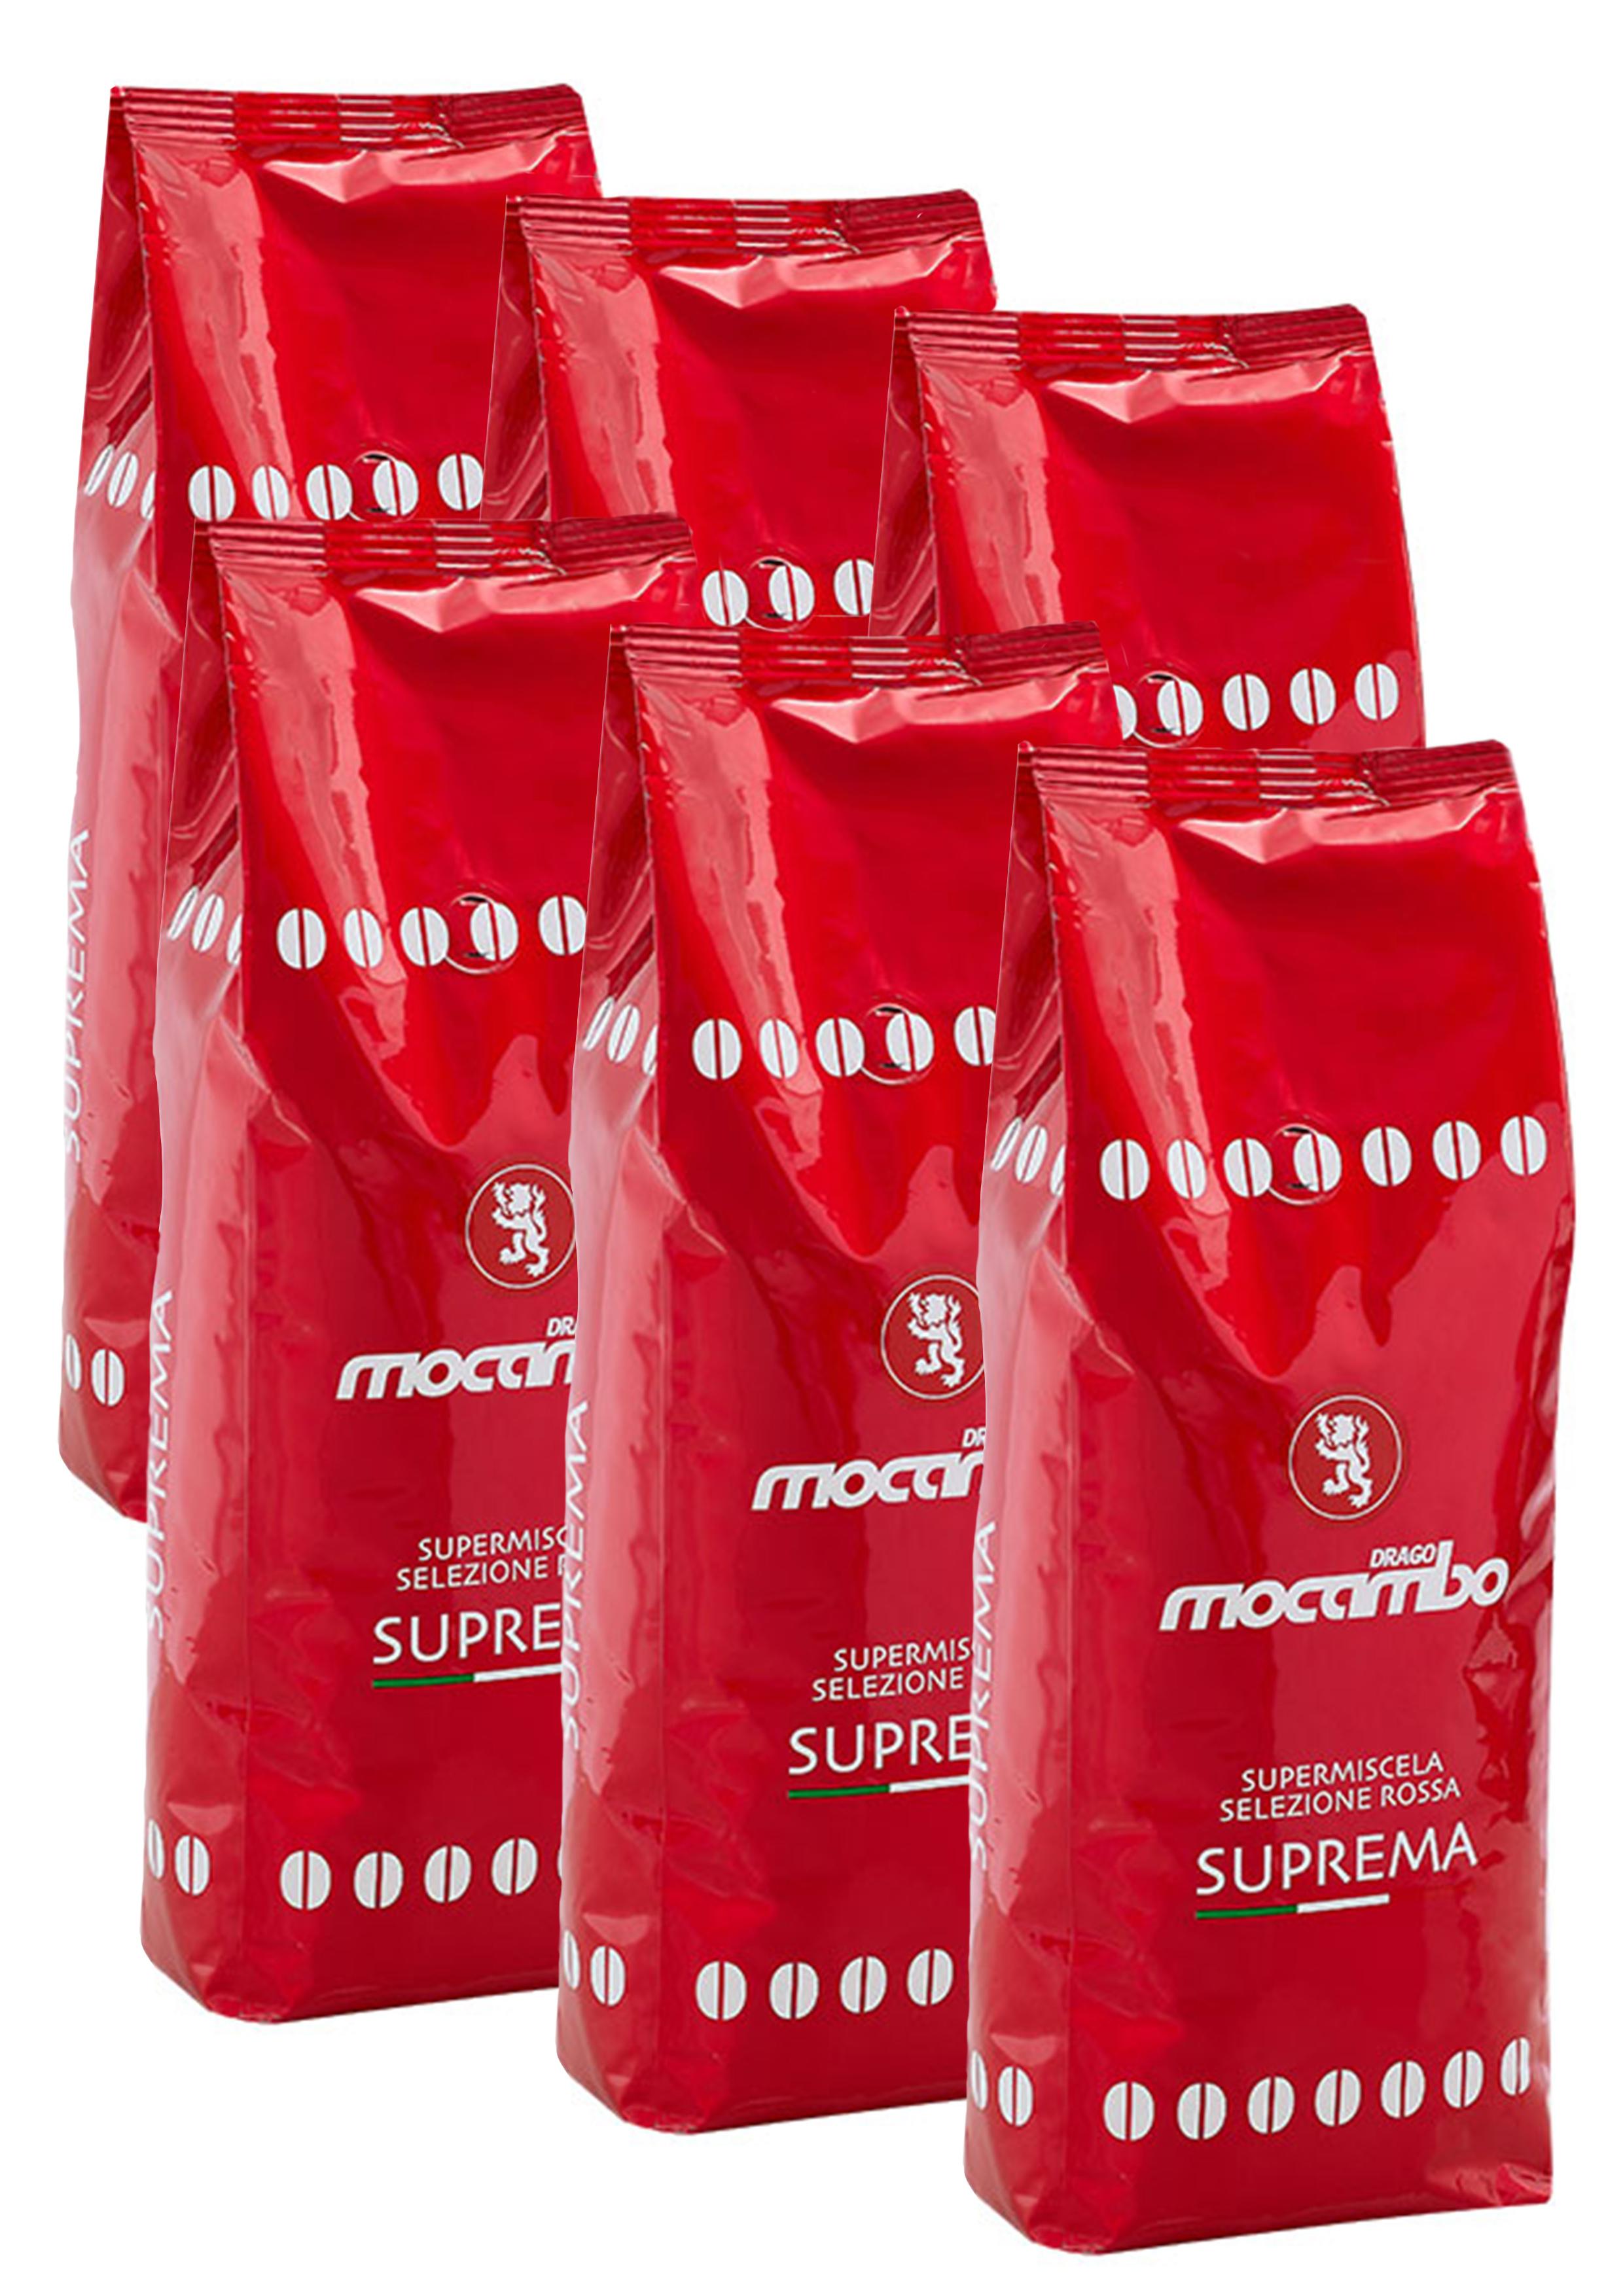 Mocambo Suprema, Espresso Kaffee Bohnen 6x 1 kg